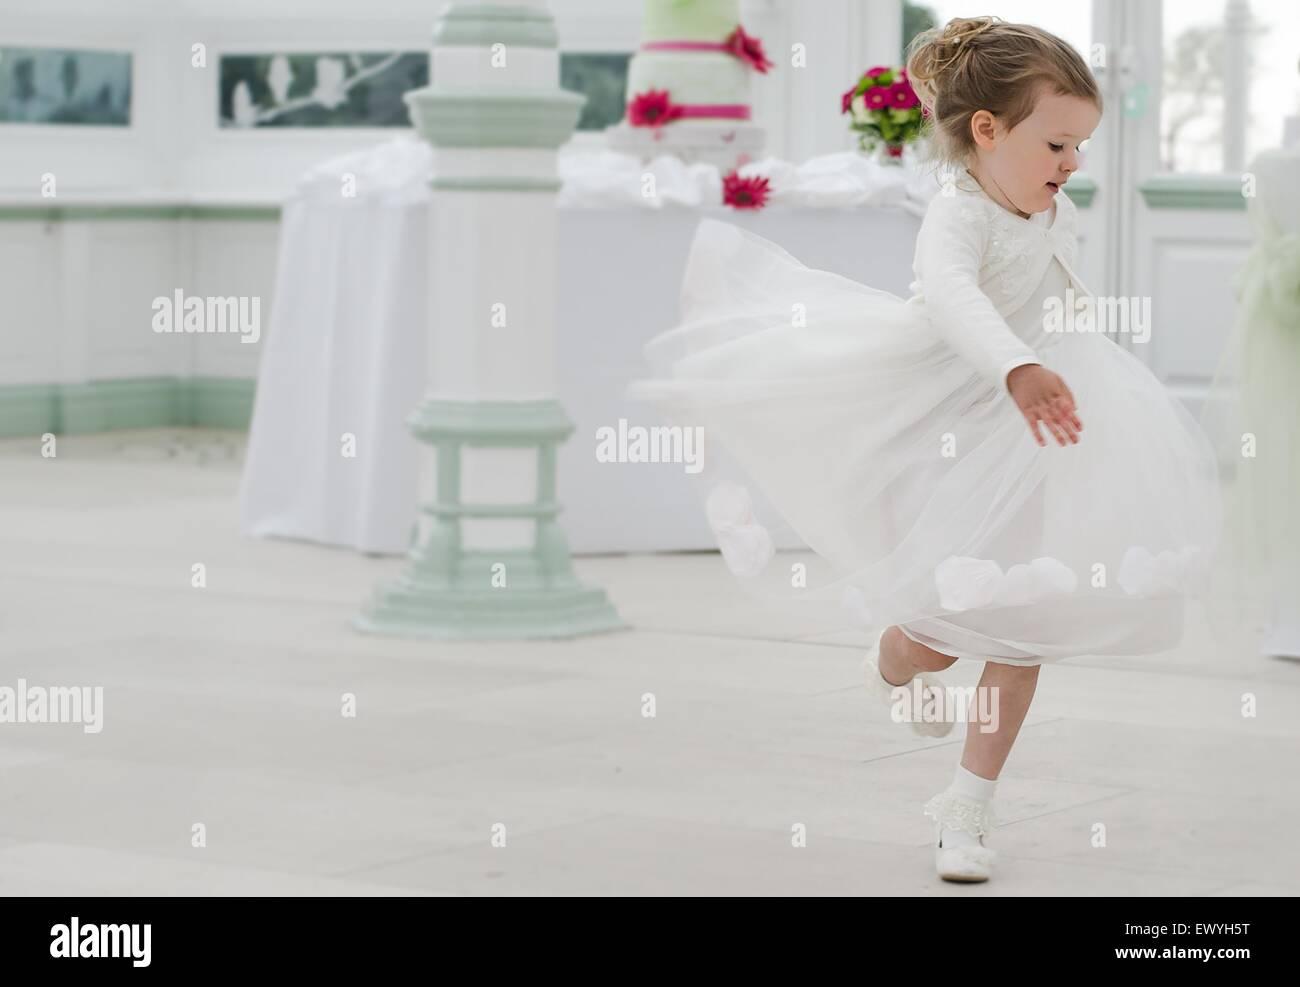 Brautjungfer auf einer Hochzeit tanzen Stockbild